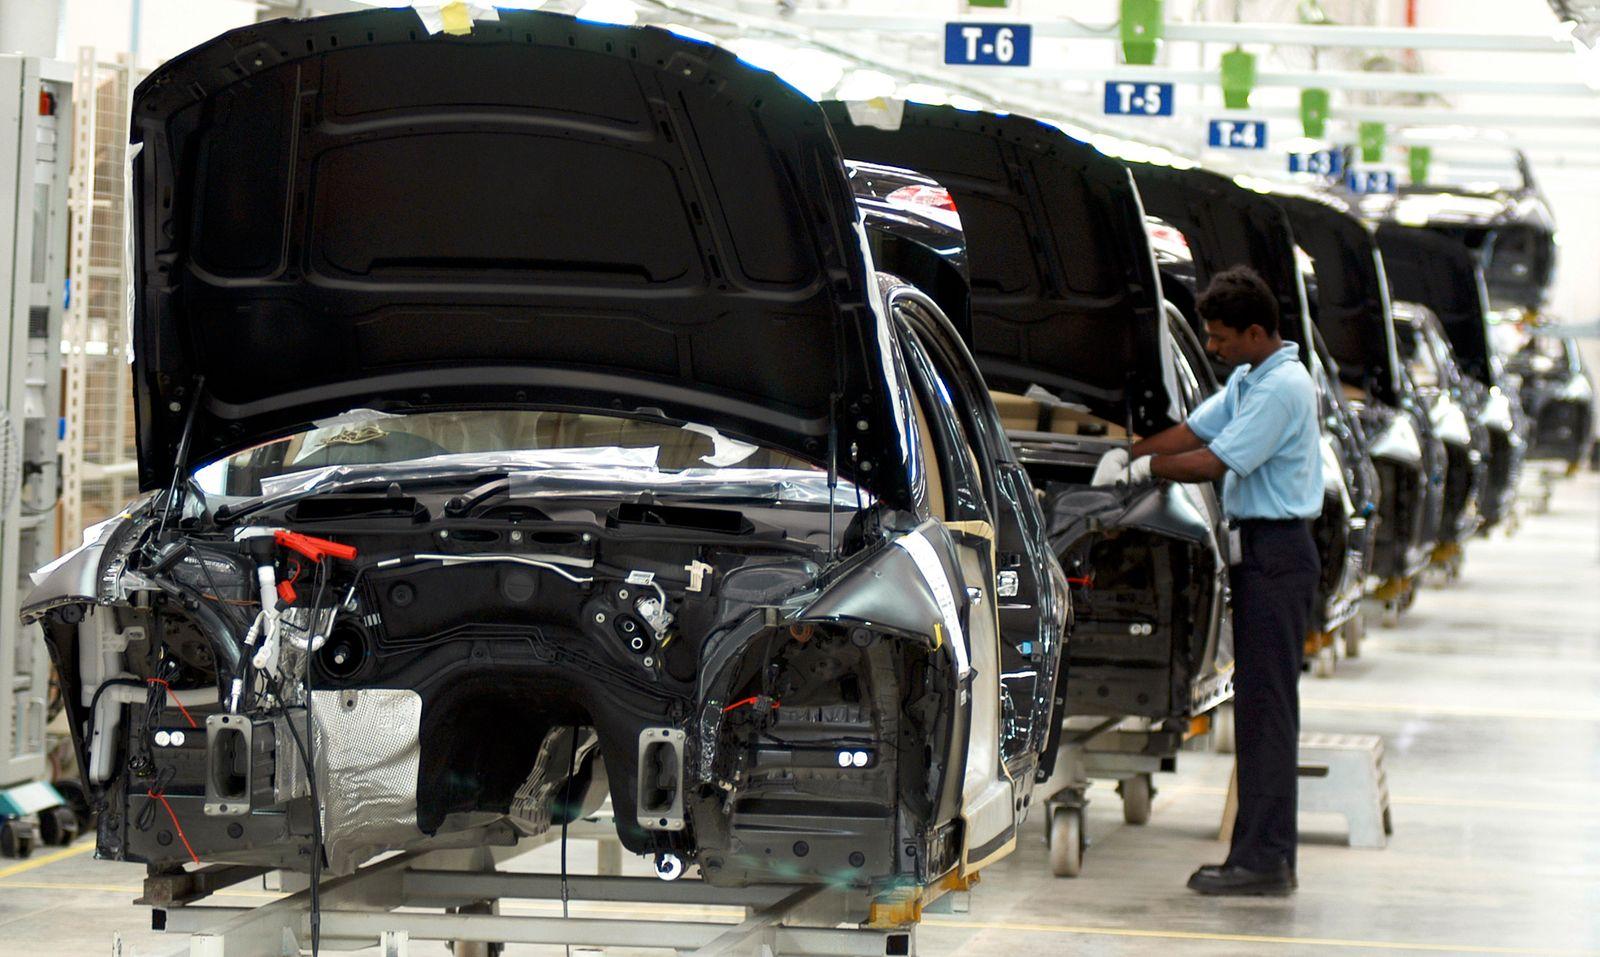 BMW-Werk in Chennai / Automarkt Indien